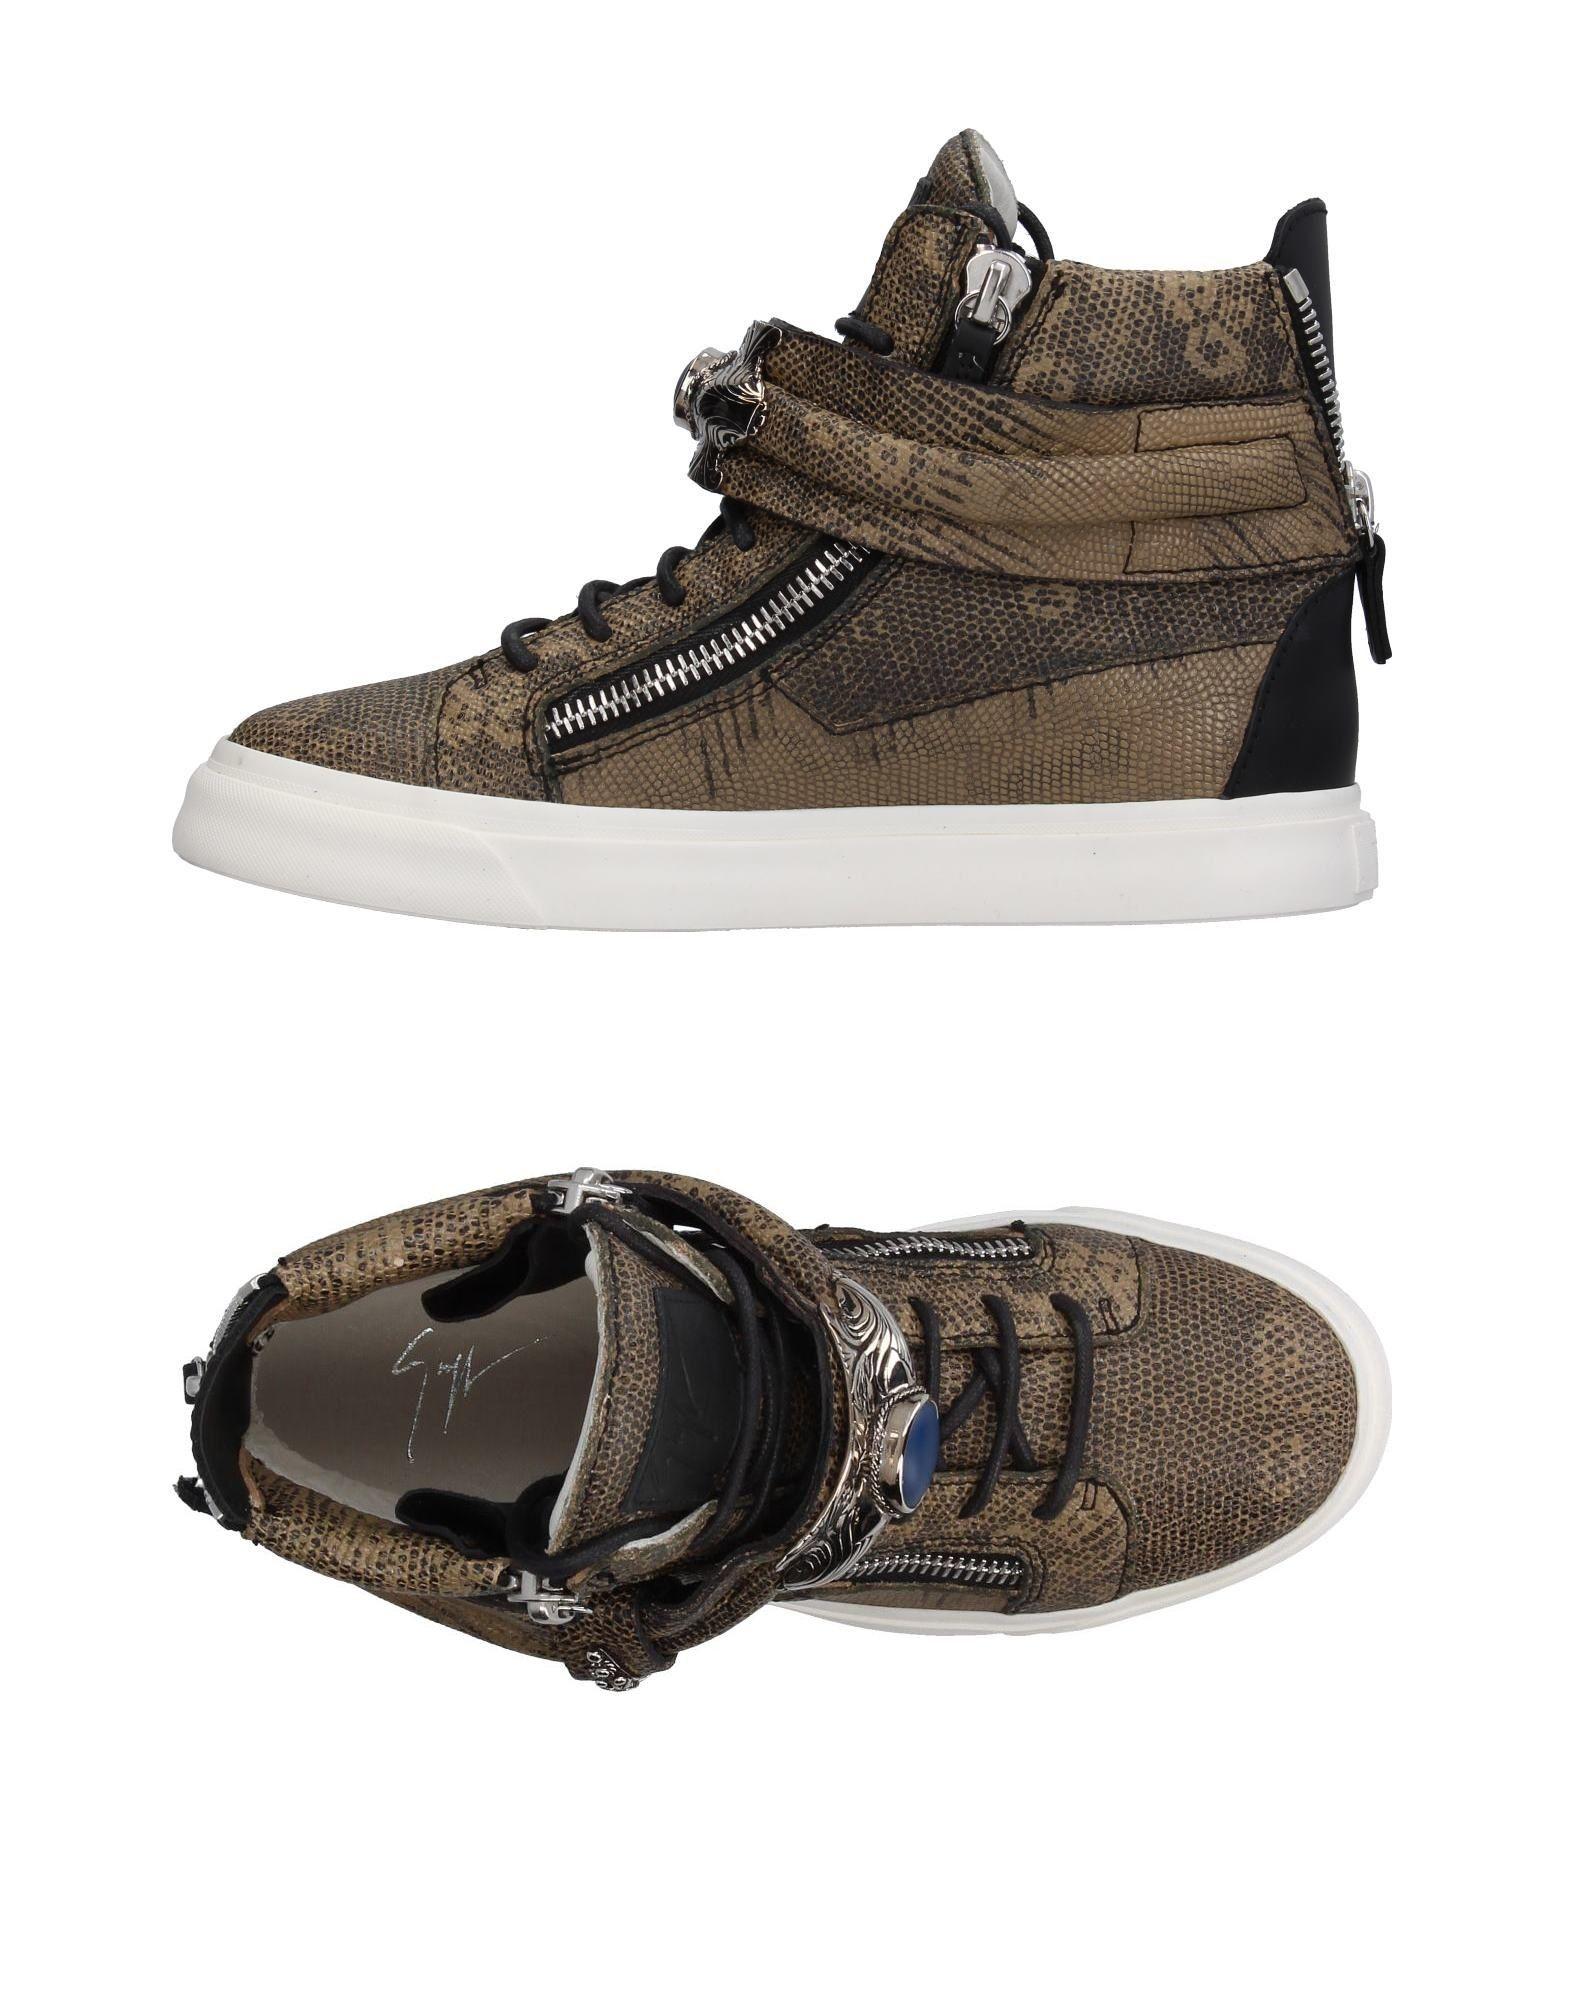 Giuseppe Giuseppe Zanotti Sneakers - Women Giuseppe Giuseppe Zanotti Sneakers online on  Canada - 11387389AF 2a0860